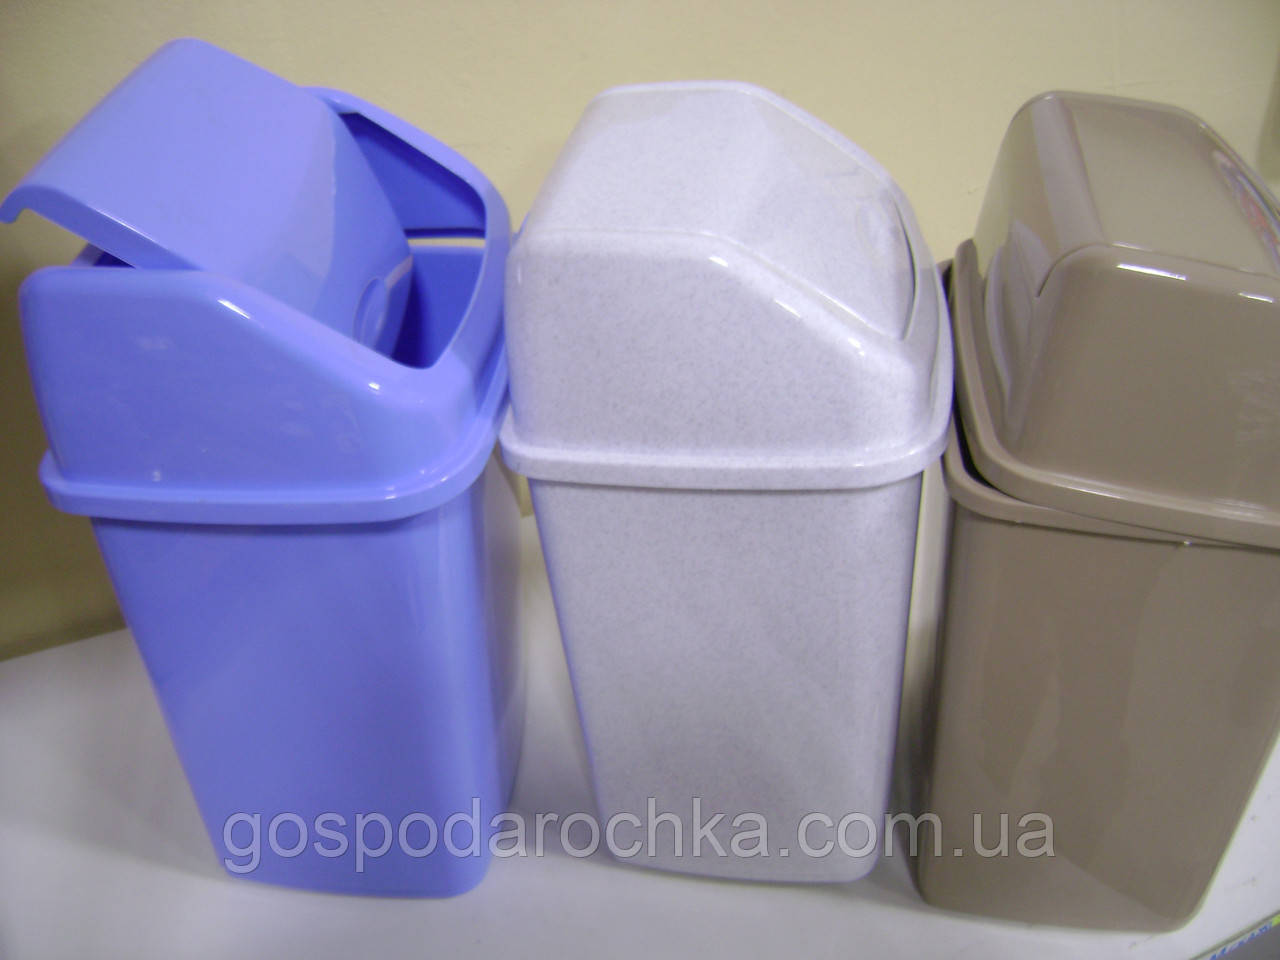 Відро для сміття з кришкою 10 л колір в асортименті